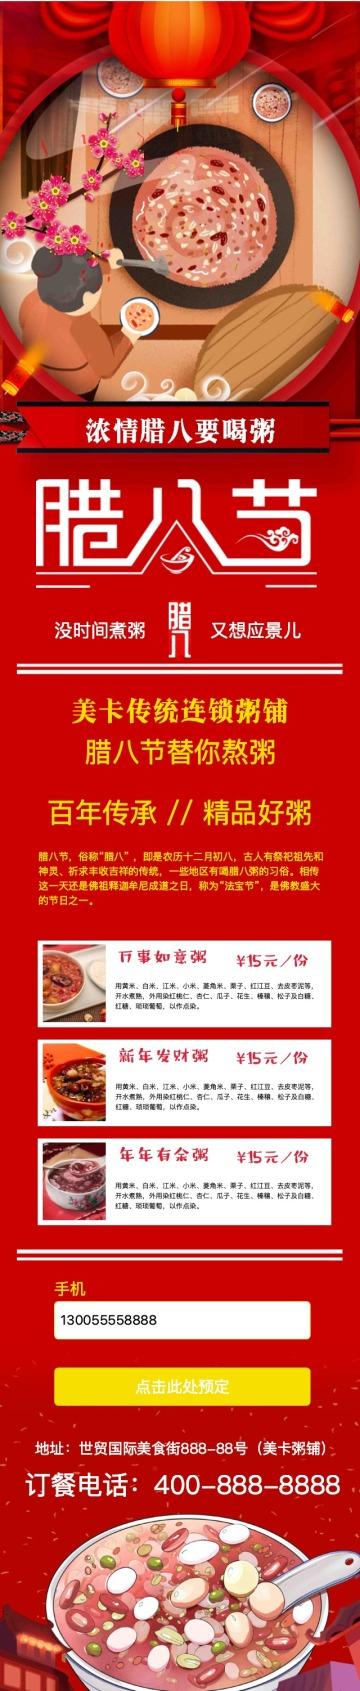 红色喜庆腊八节粥铺粥店促销宣传单页